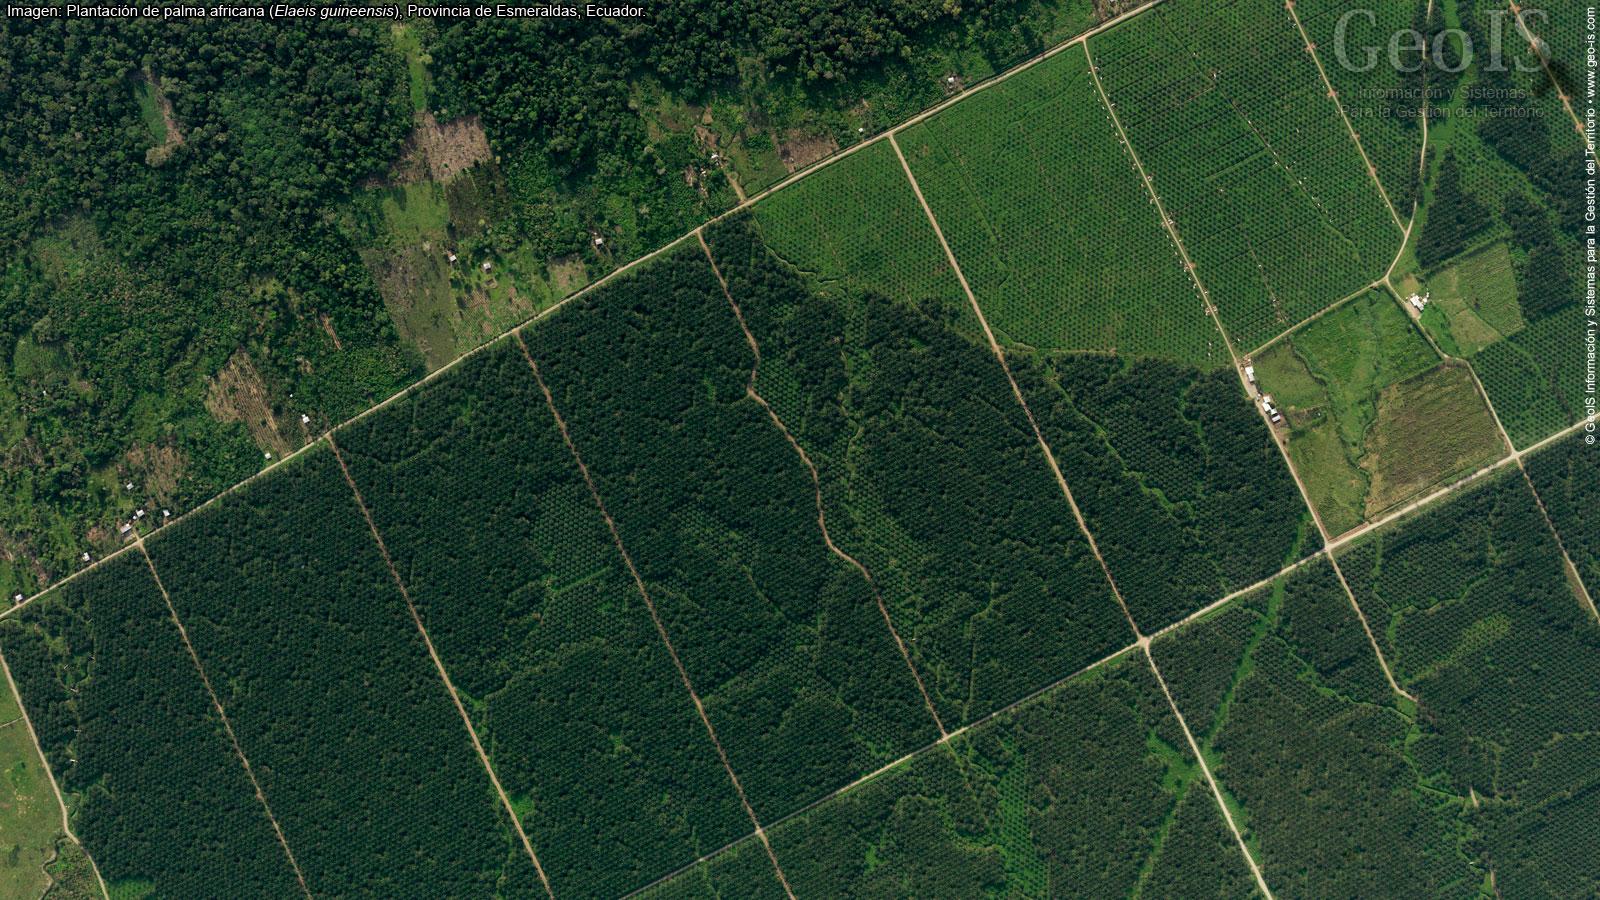 Palma de aceite en Ecuador. Imagen satelital de plantaciones de palma africana para analizar cambios de cobertura vegetal en San Lorenzo. Foto: Rodrigo Sierra.